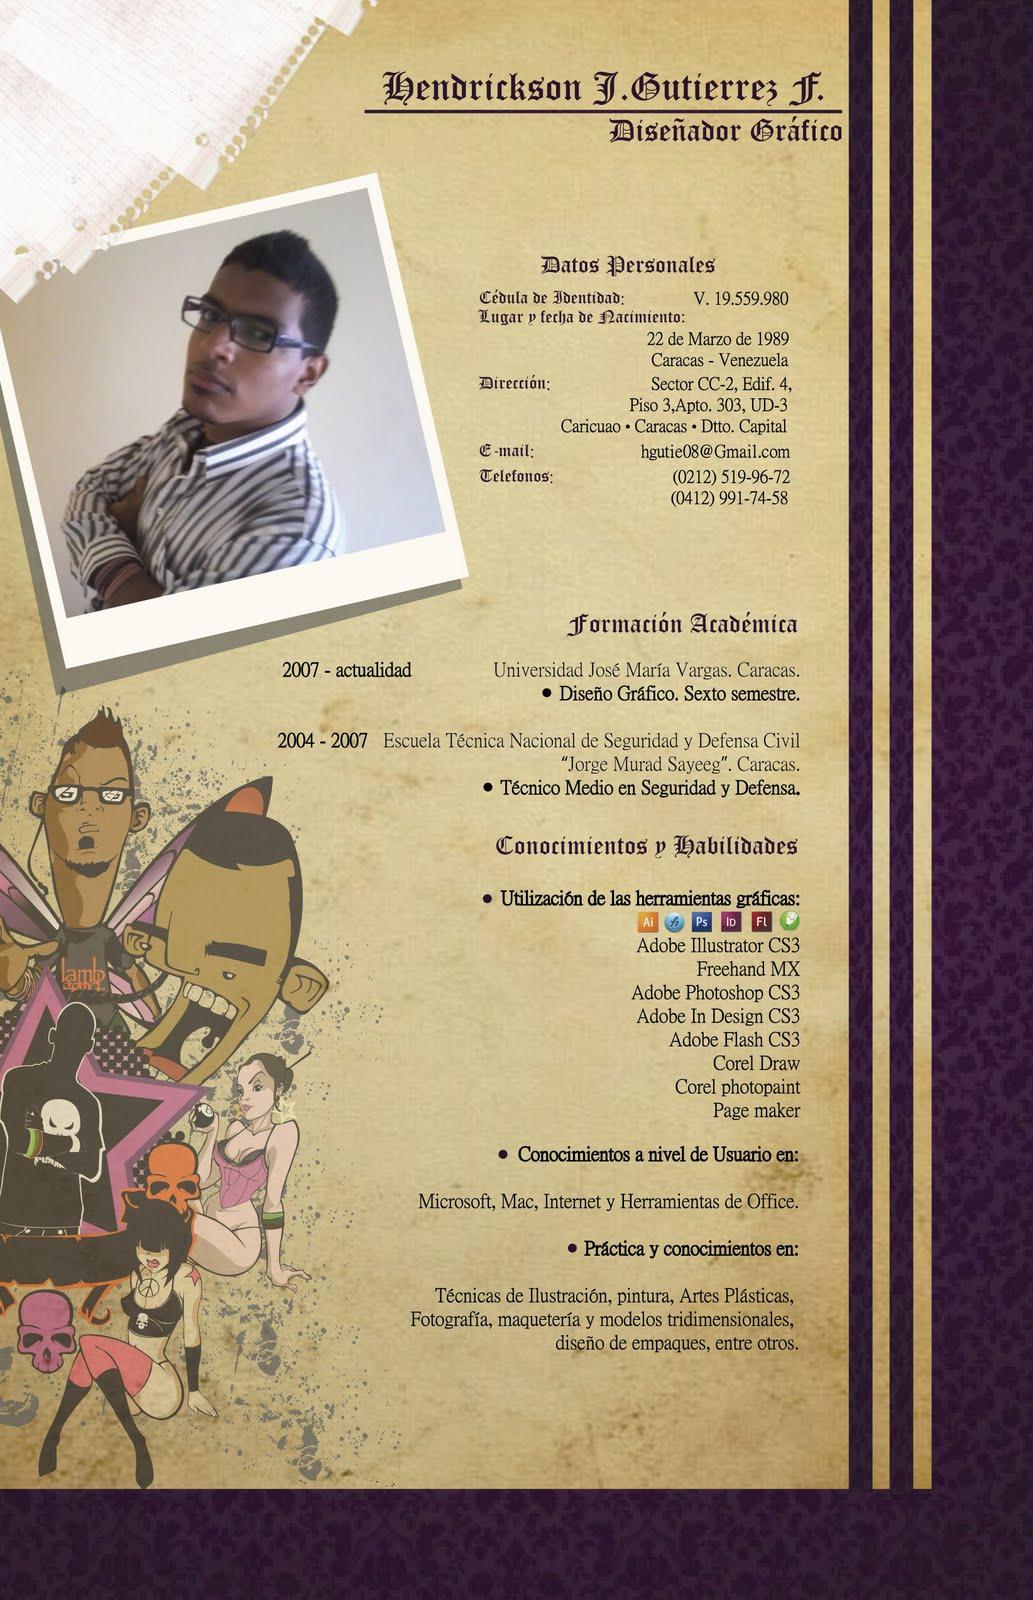 El Curriculum Vitae De Un Diseñador Gráfico Lmm Board